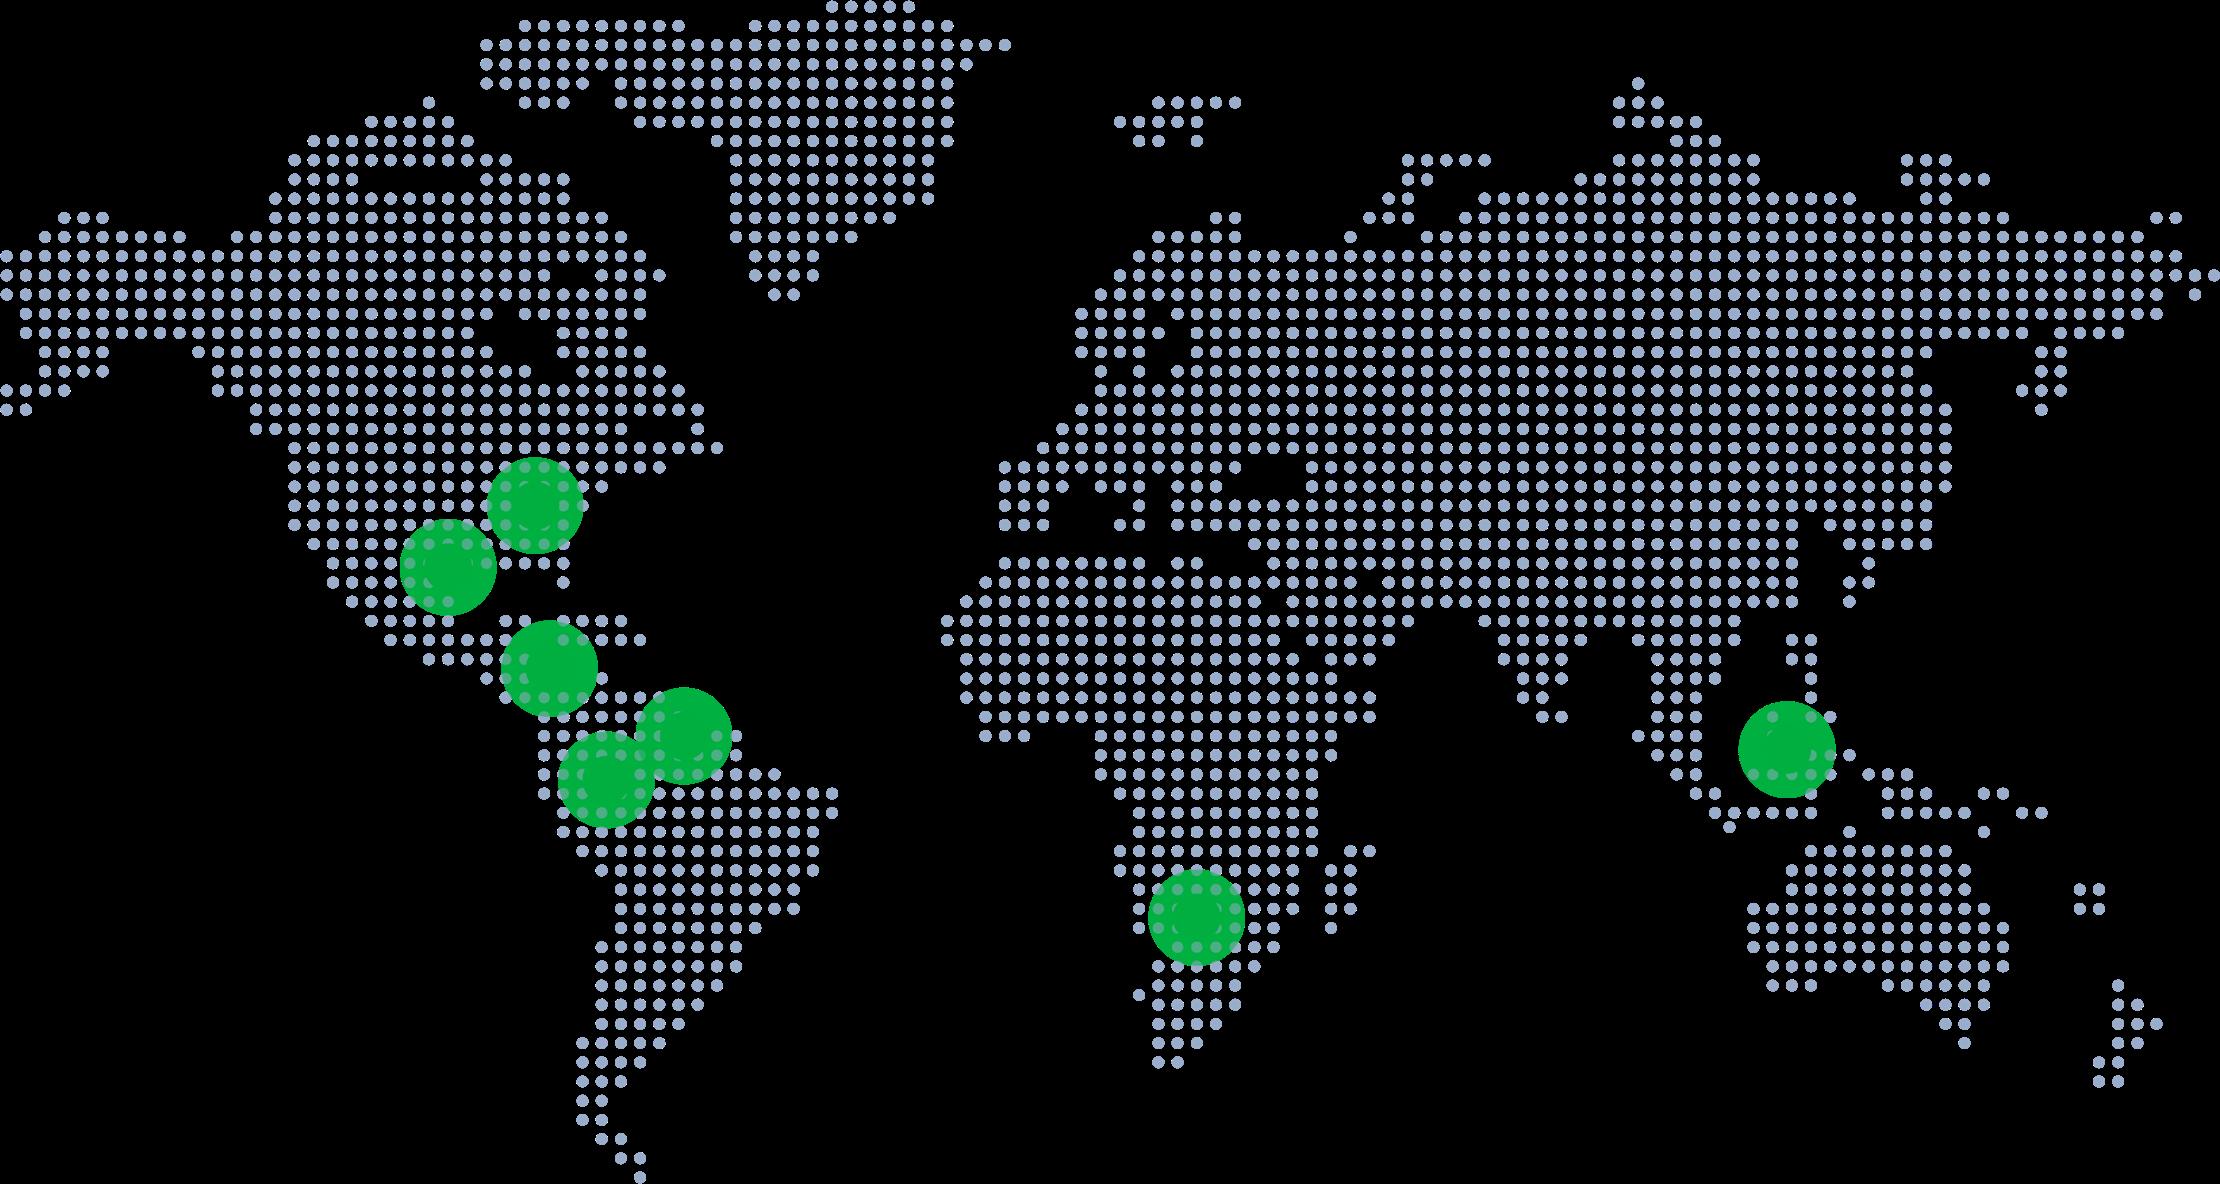 Mapa global dos escritórios da empresa